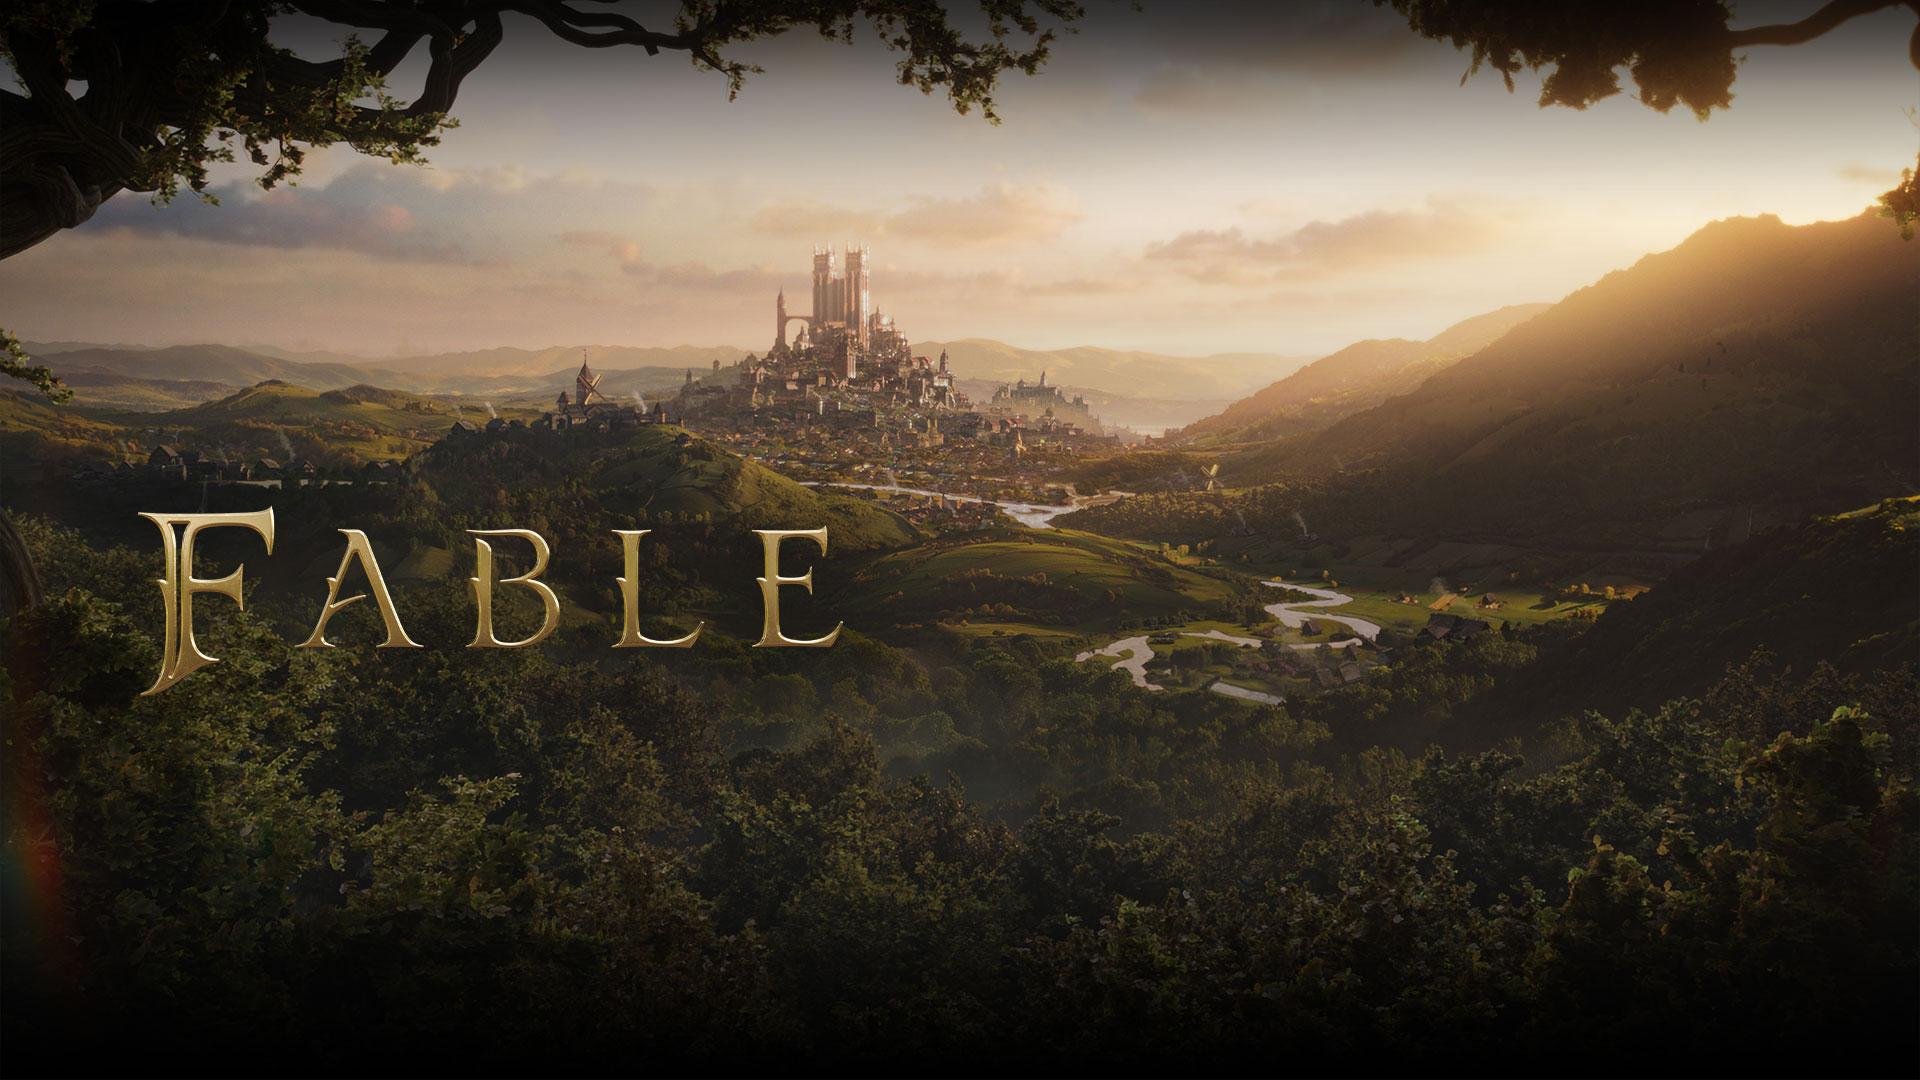 Fable: una ciudad más allá de un bosque y unos valles